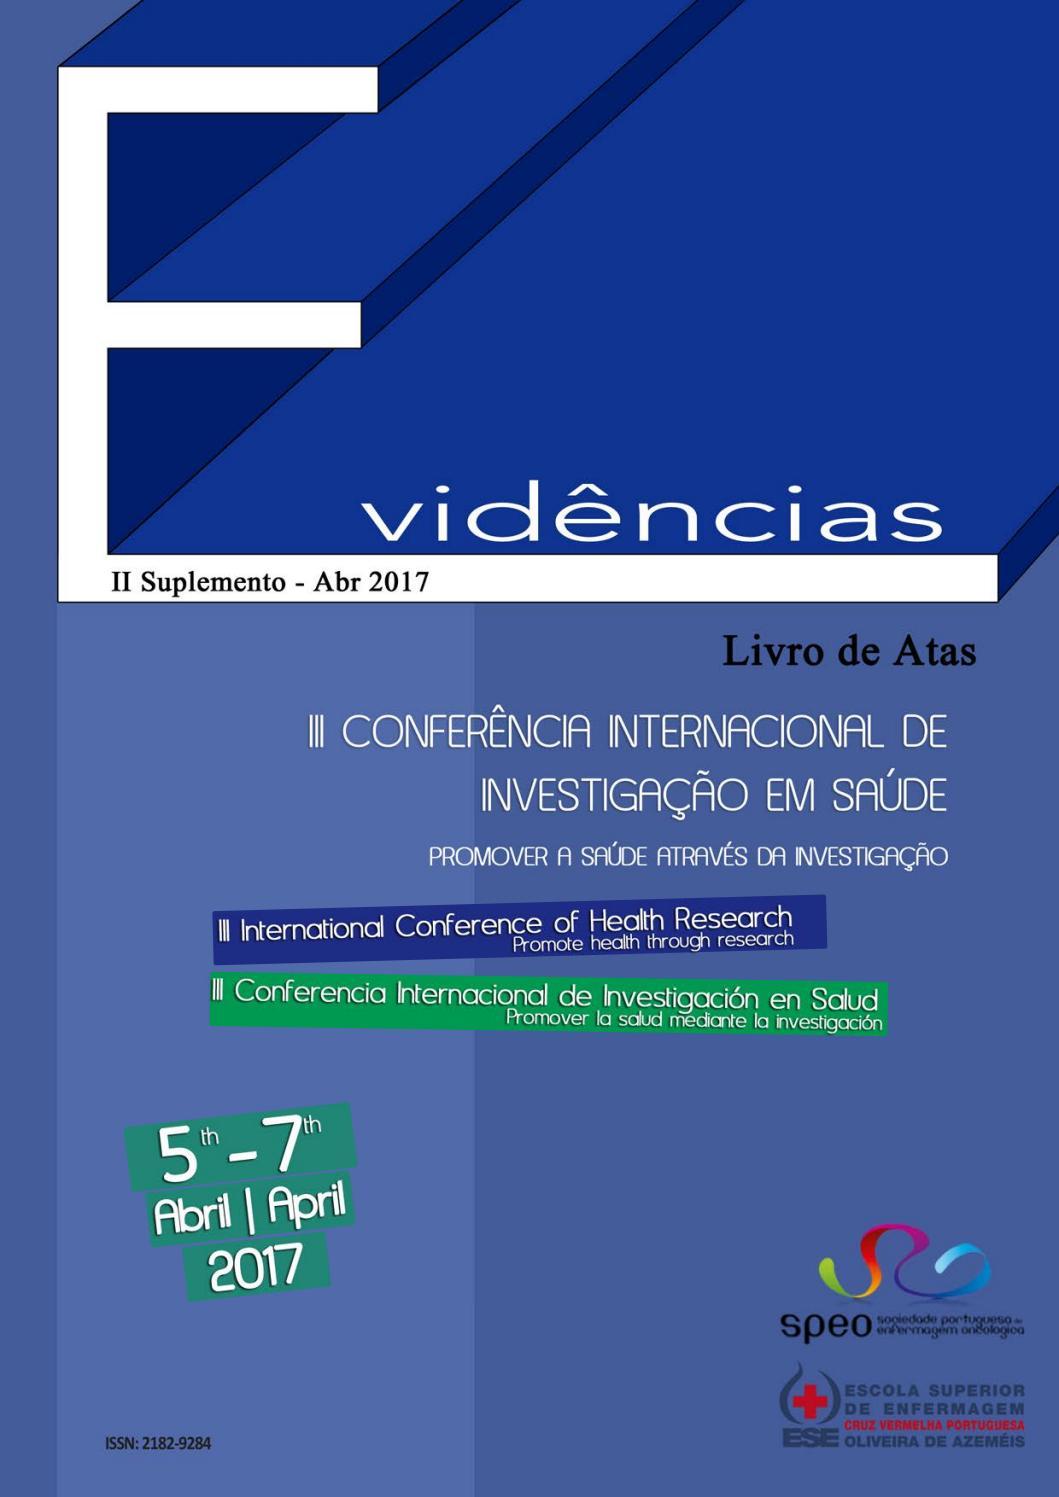 Revista evidncias livro de atas by snia maria peneda castro issuu fandeluxe Images